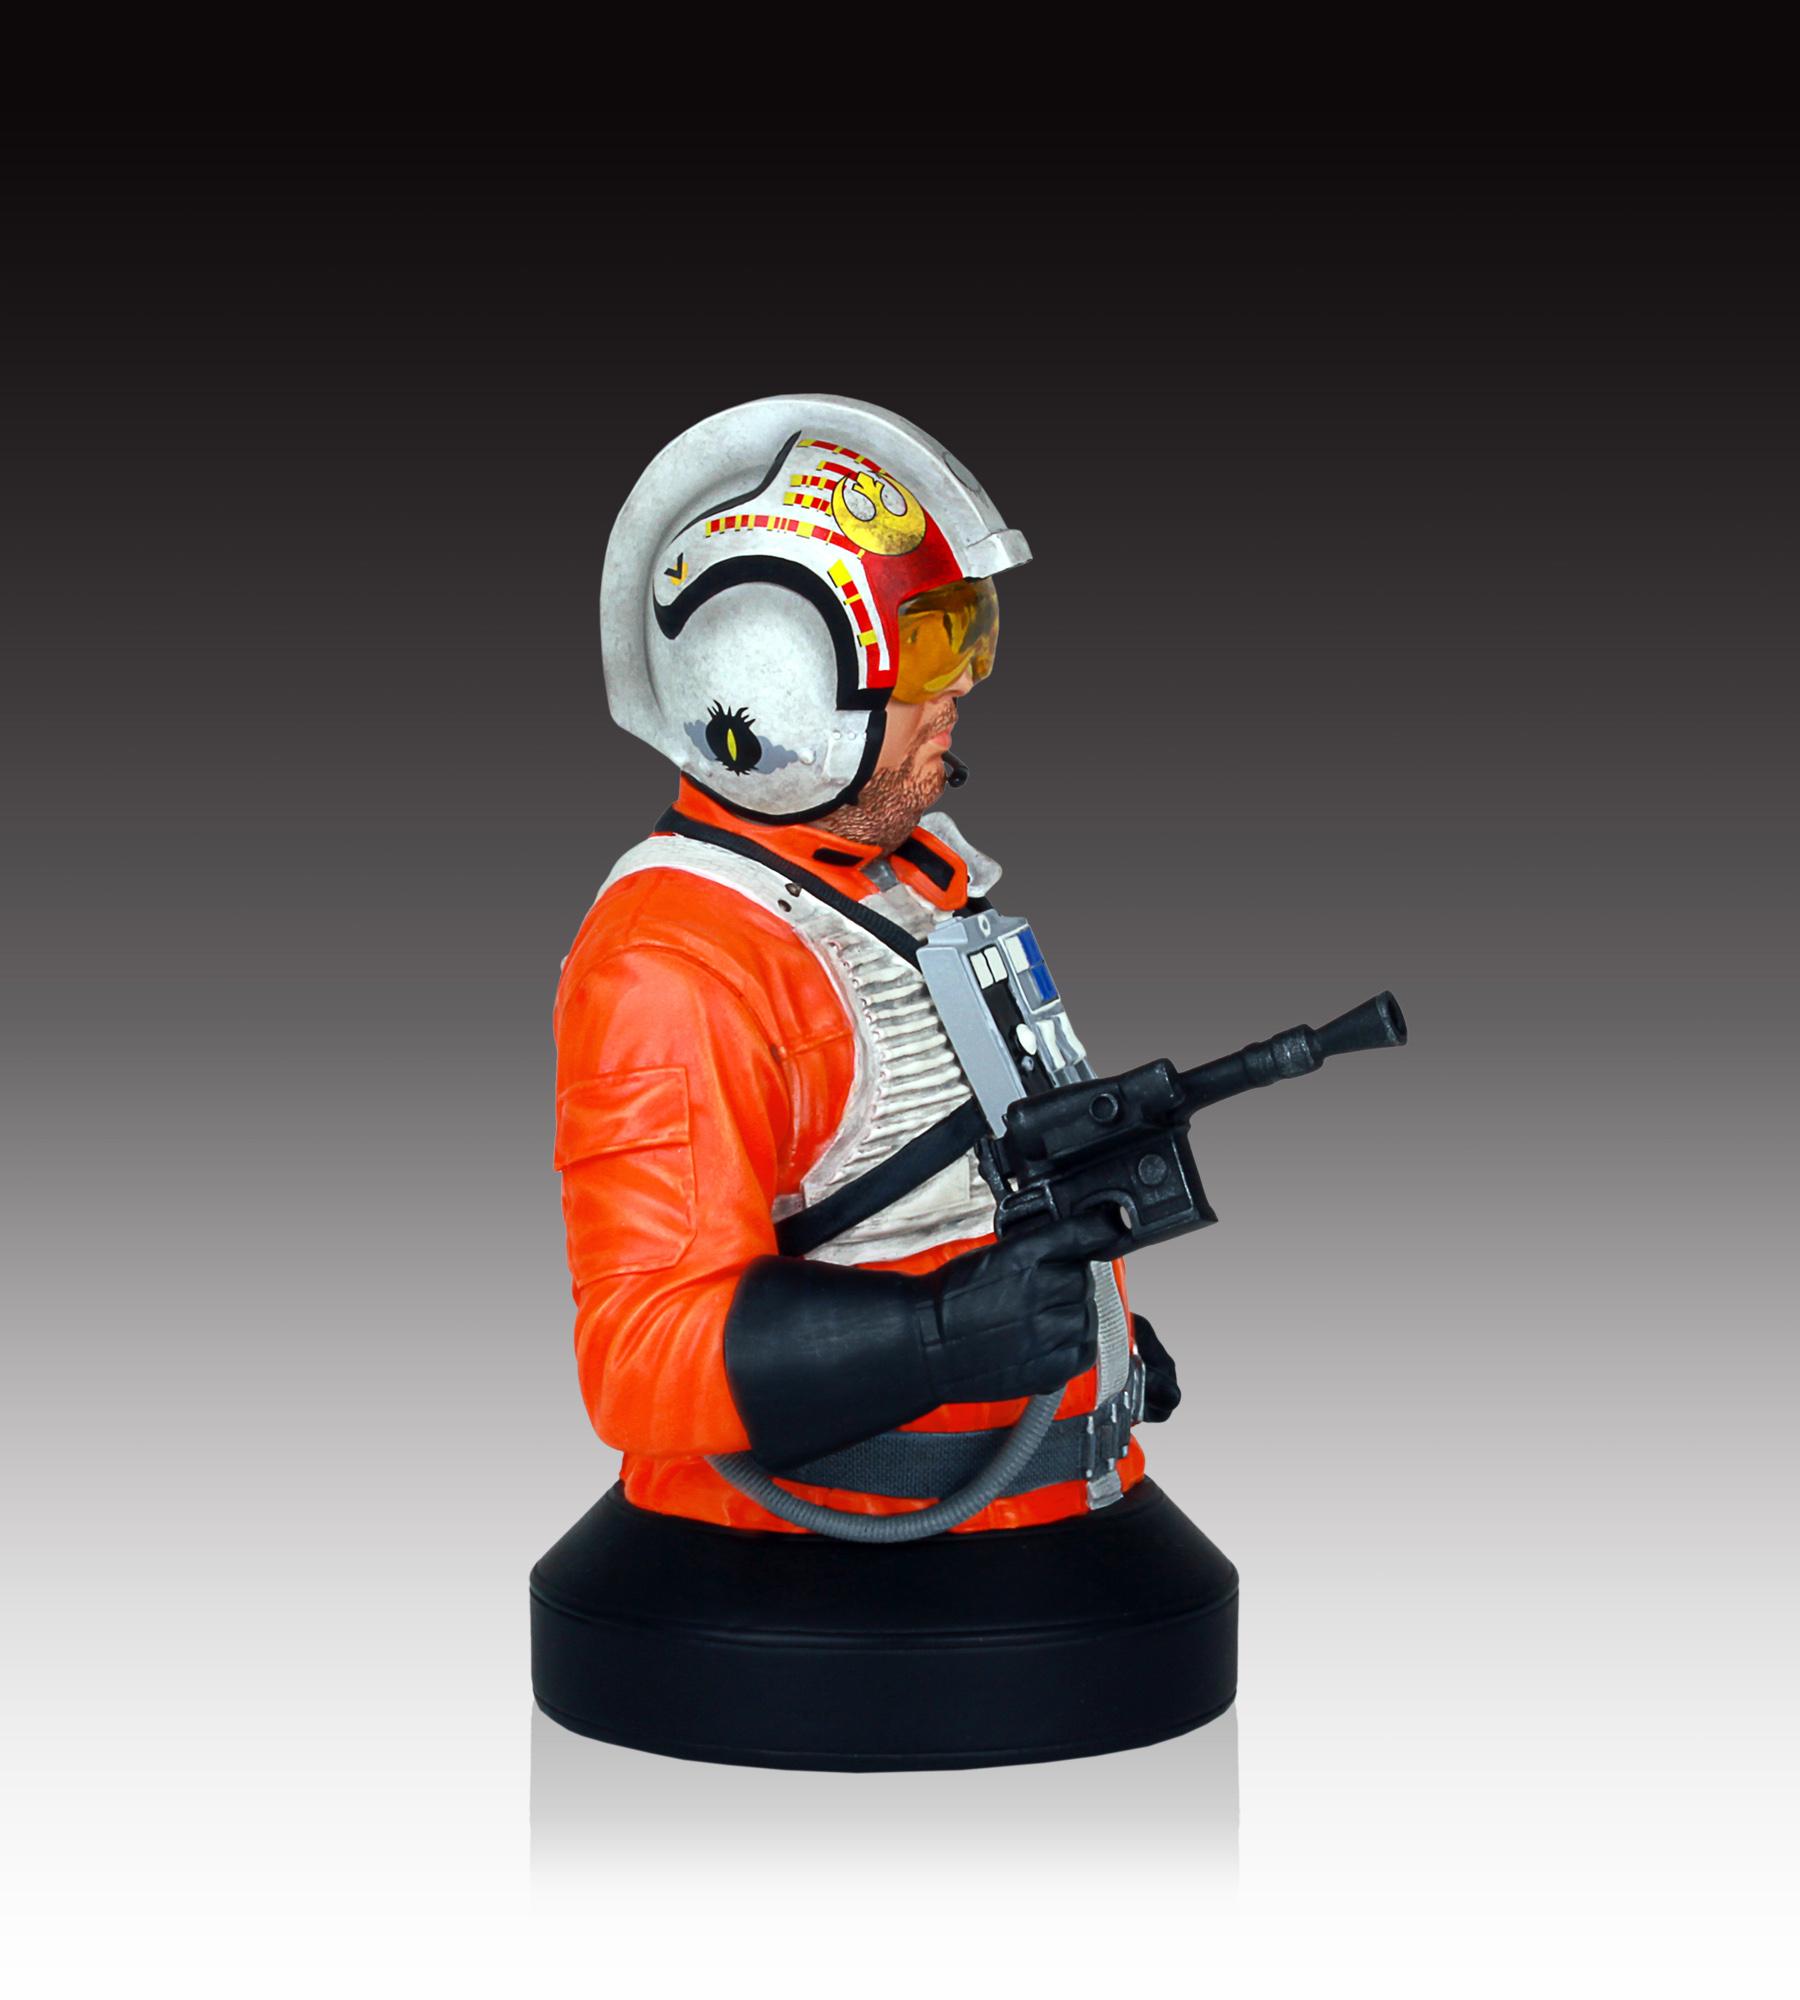 [Gentle Giant] SDCC Exclusive Star Wars Jek Porkins Mini Bust SDCC-Exclusive-Star-Wars-Jek-Porkins-Mini-Bust-004